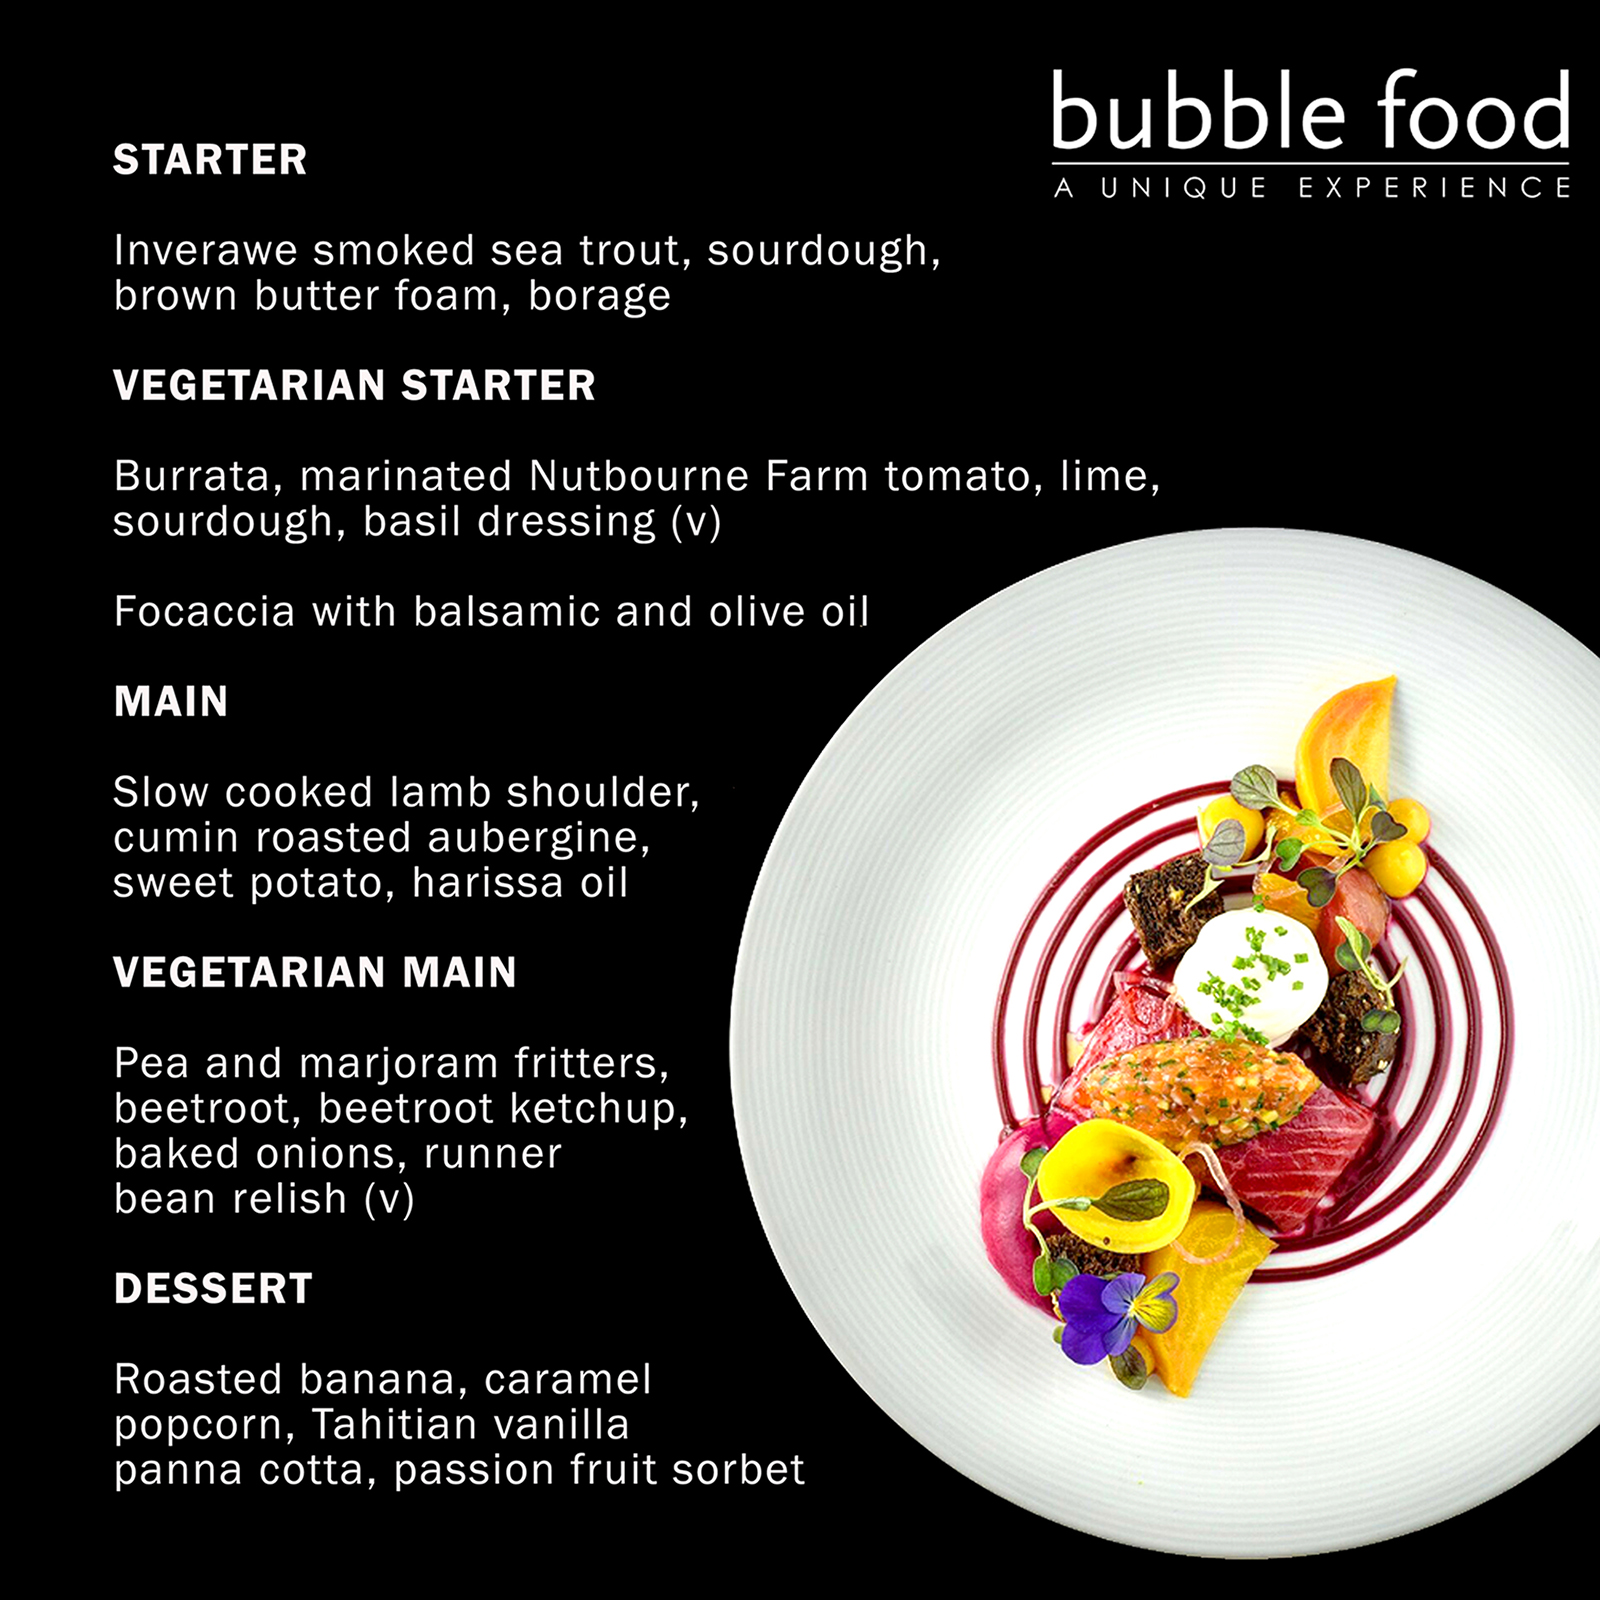 Bubble Fine dining menu